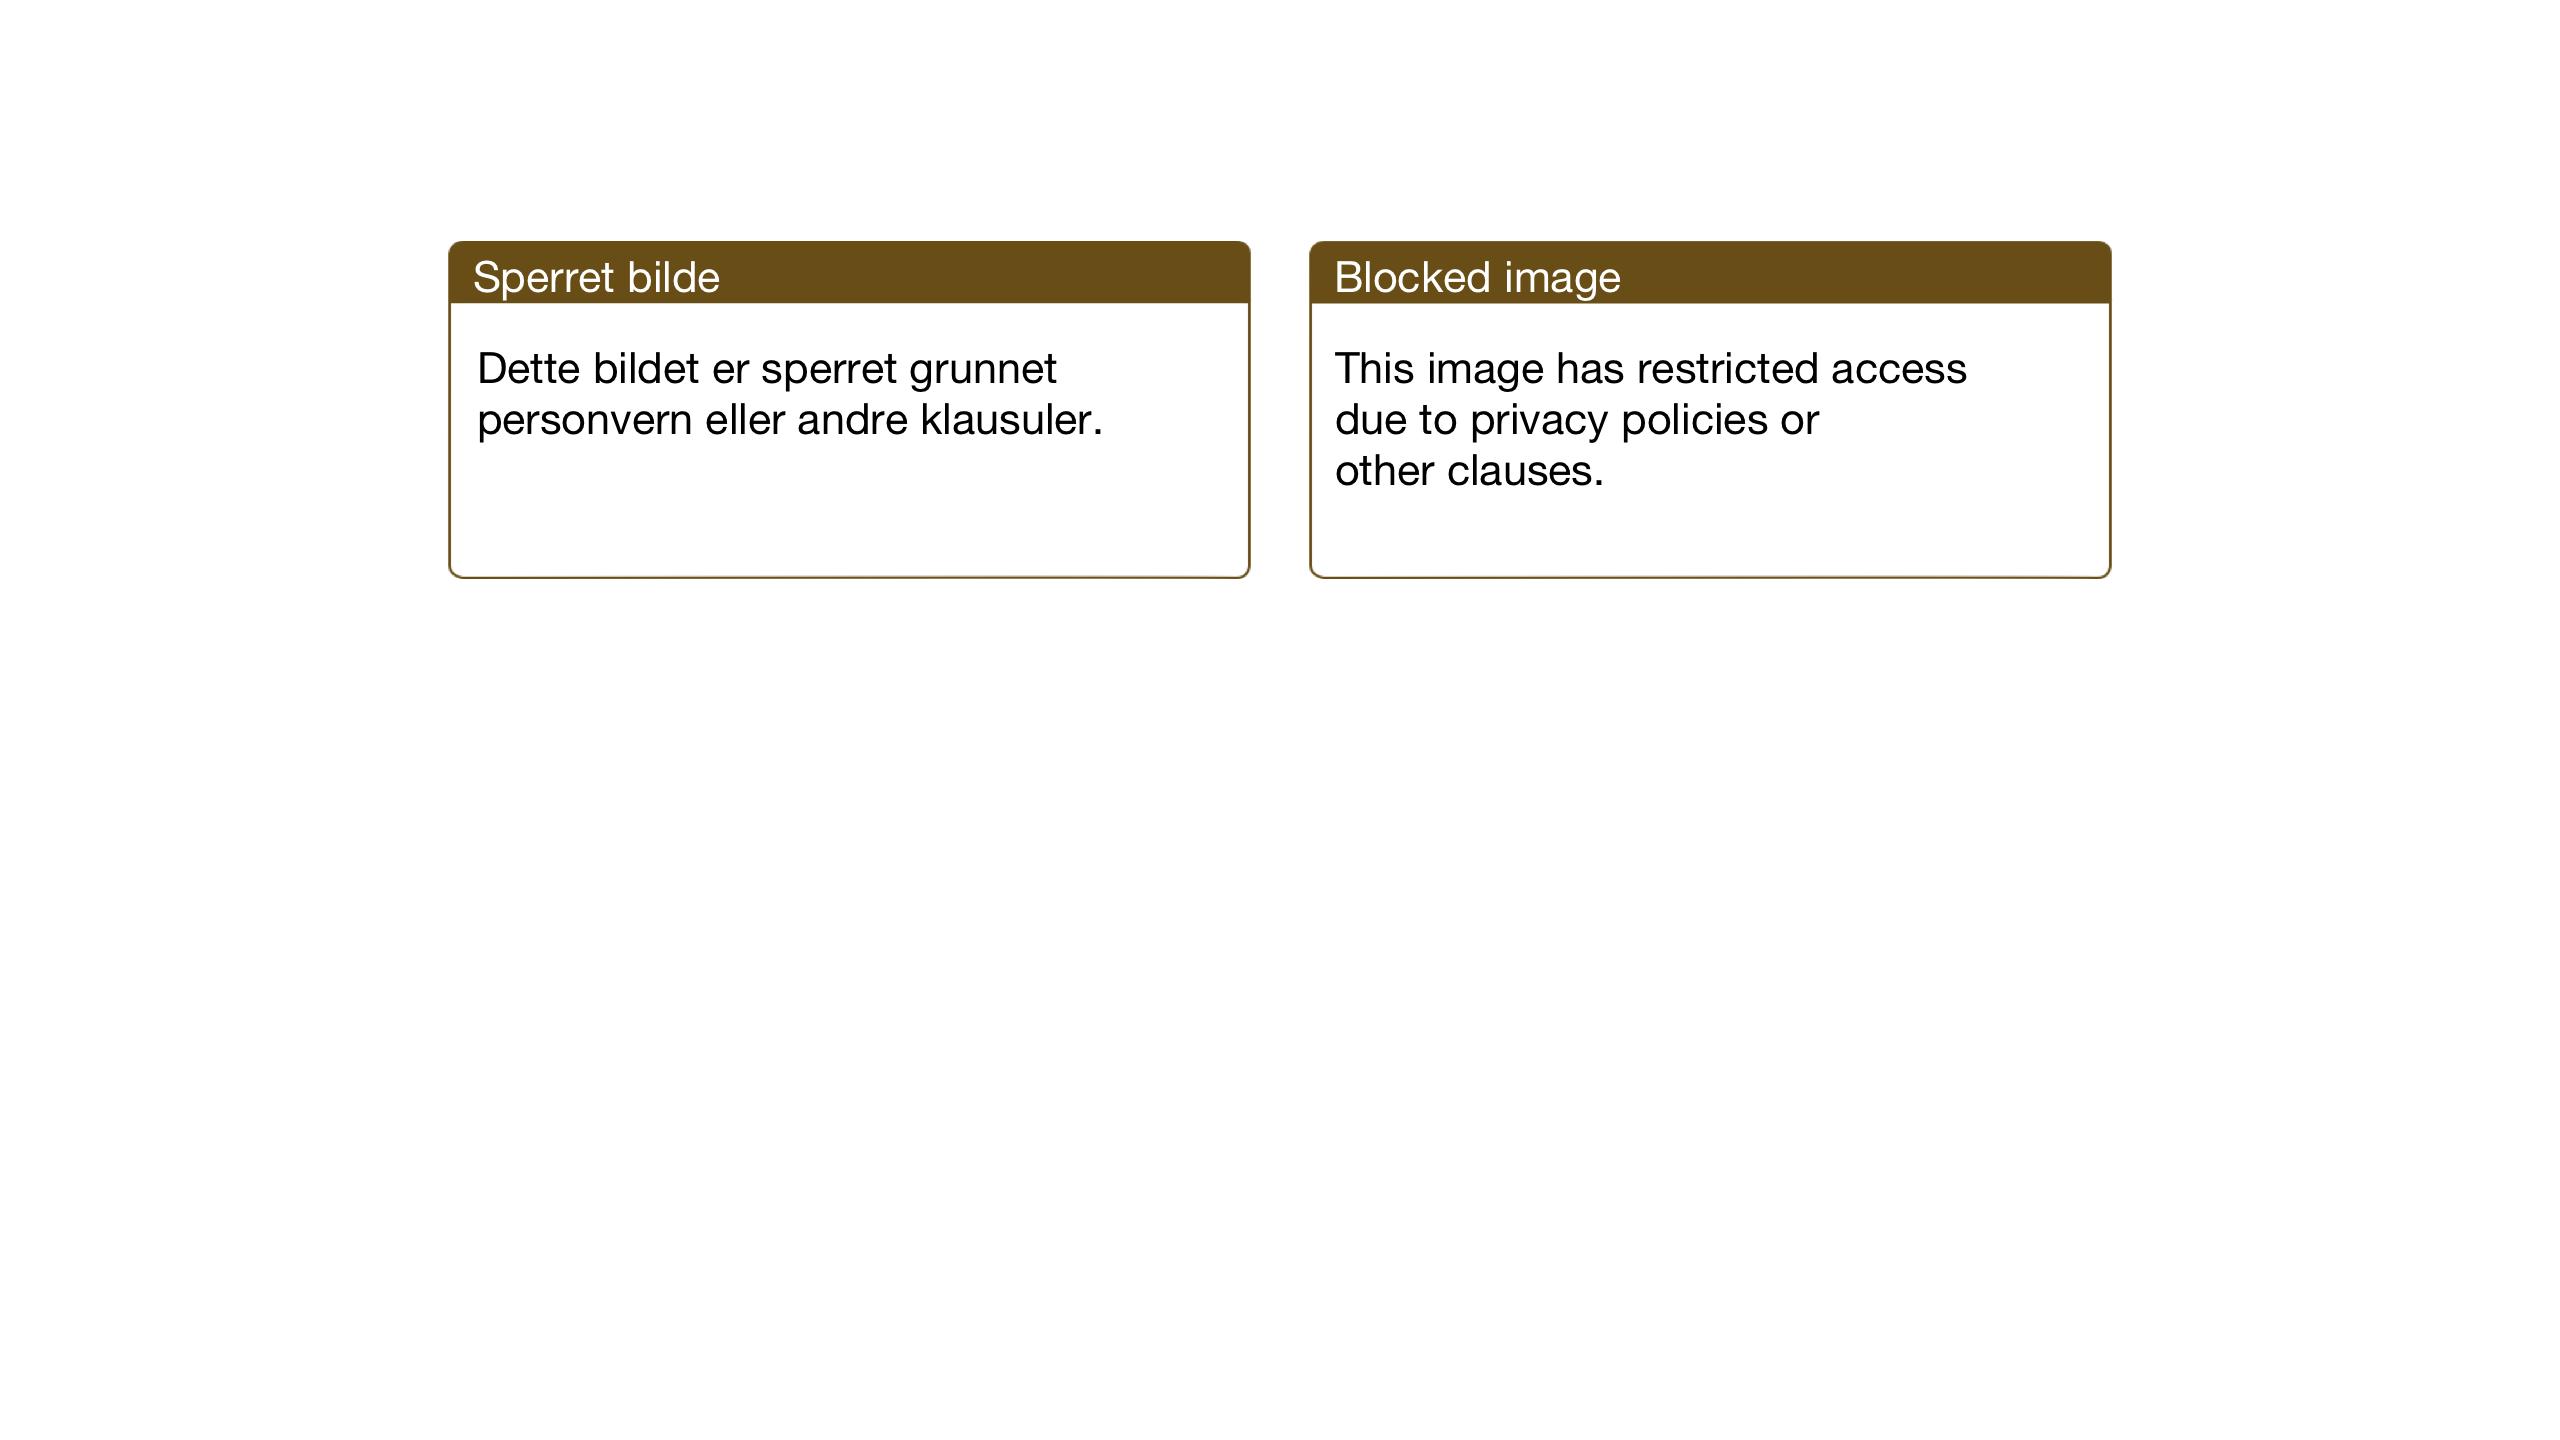 SAT, Ministerialprotokoller, klokkerbøker og fødselsregistre - Sør-Trøndelag, 656/L0696: Klokkerbok nr. 656C02, 1921-1937, s. 39